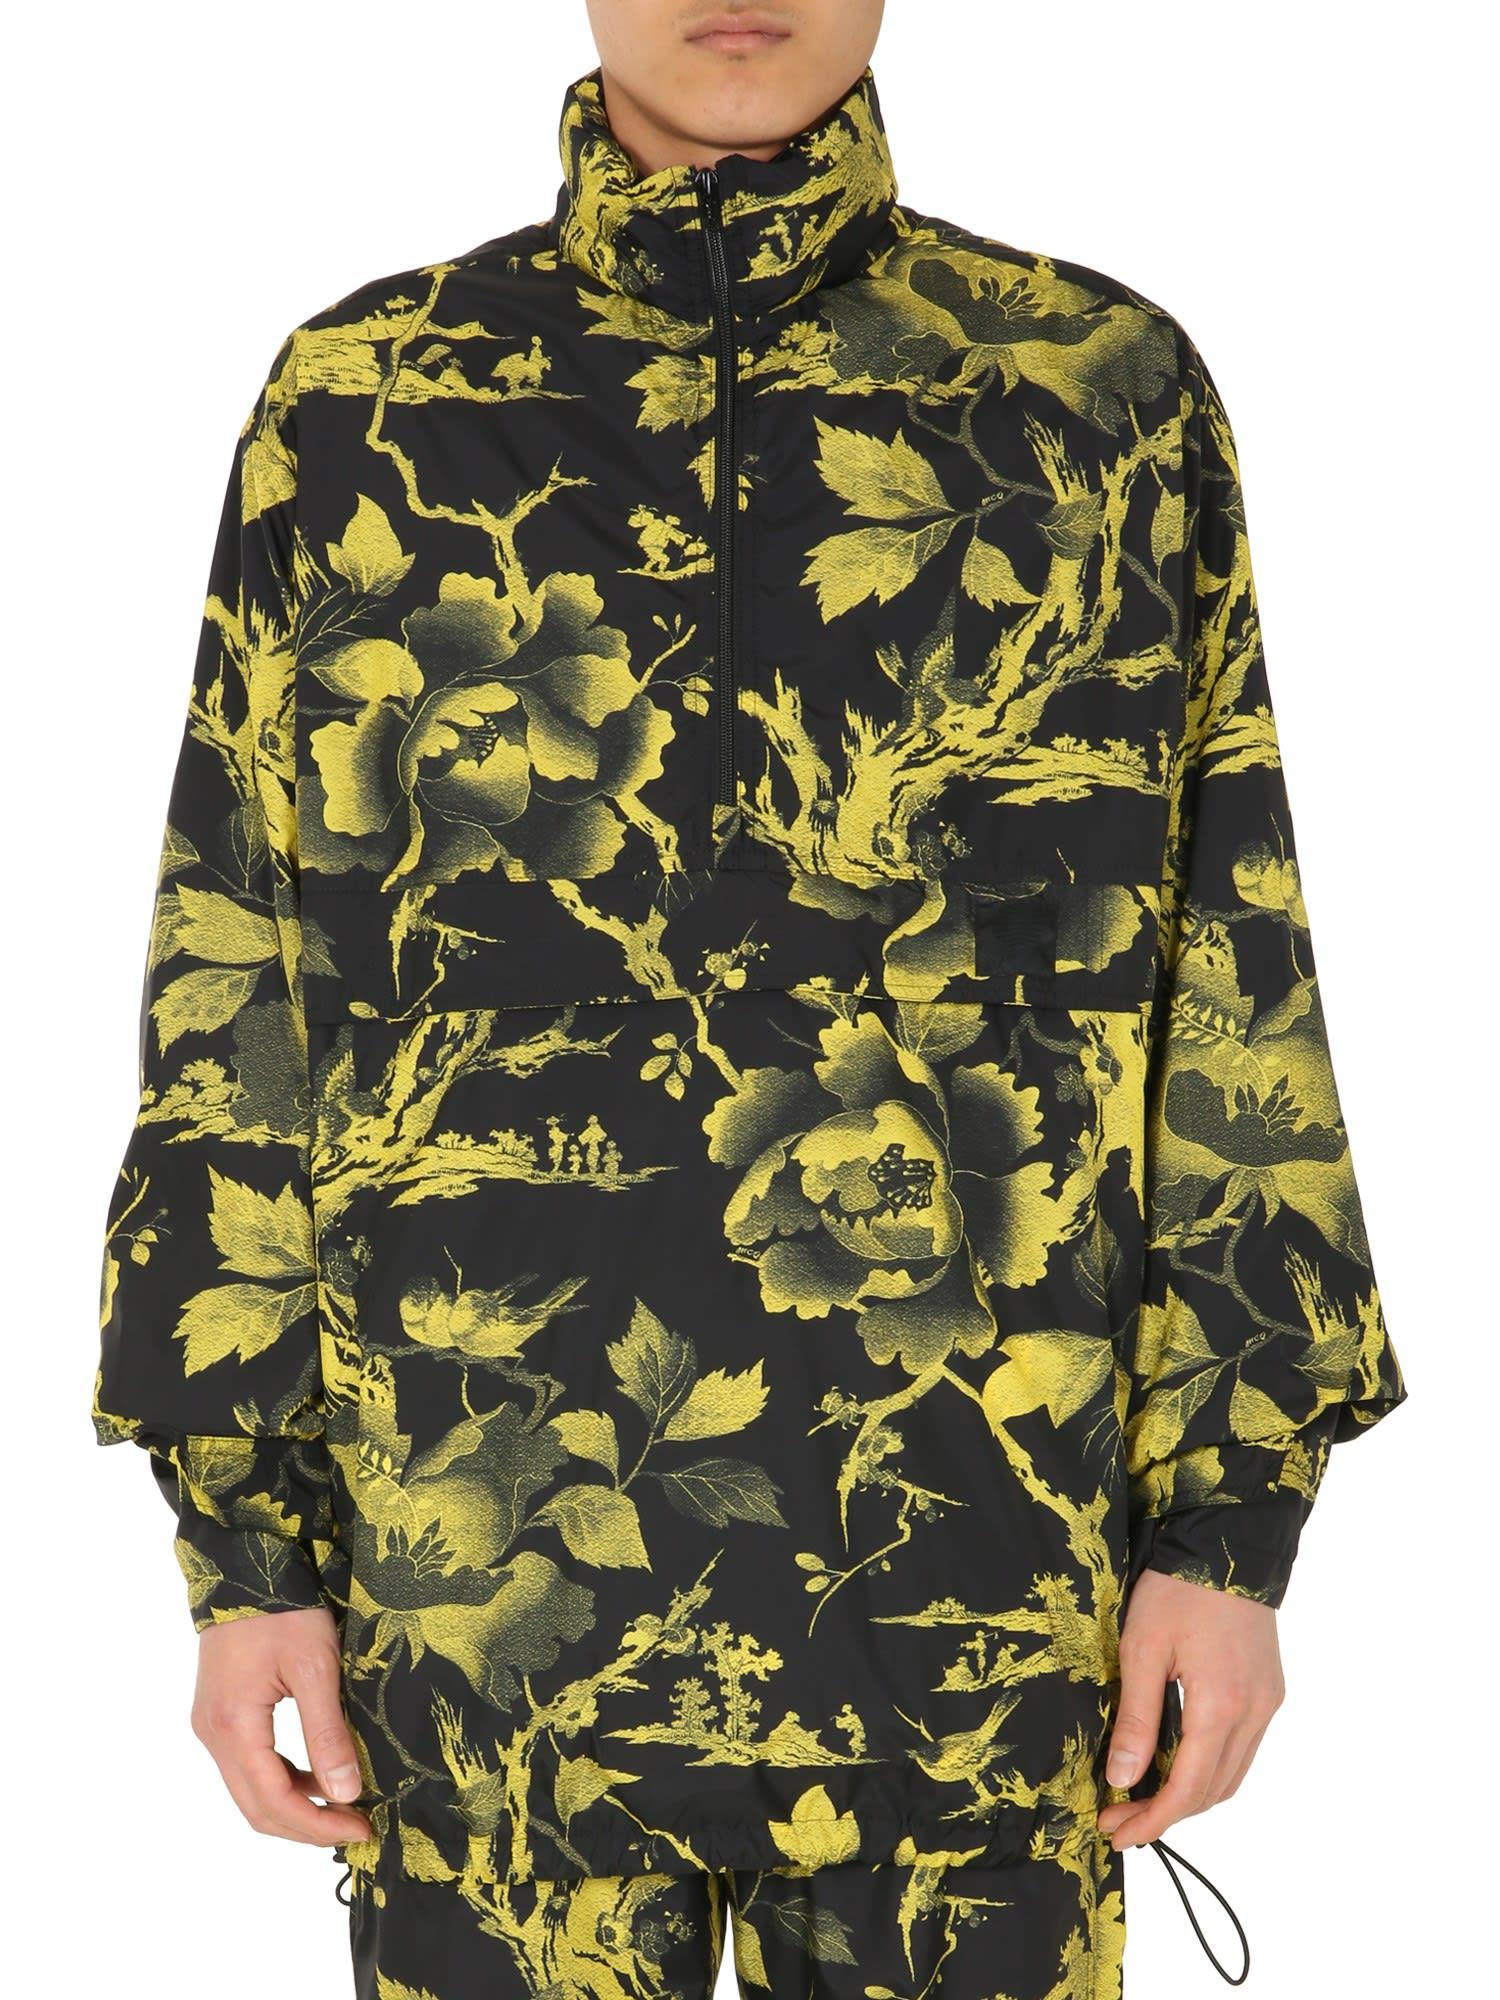 McQ Alexander McQueen Wind Jacket